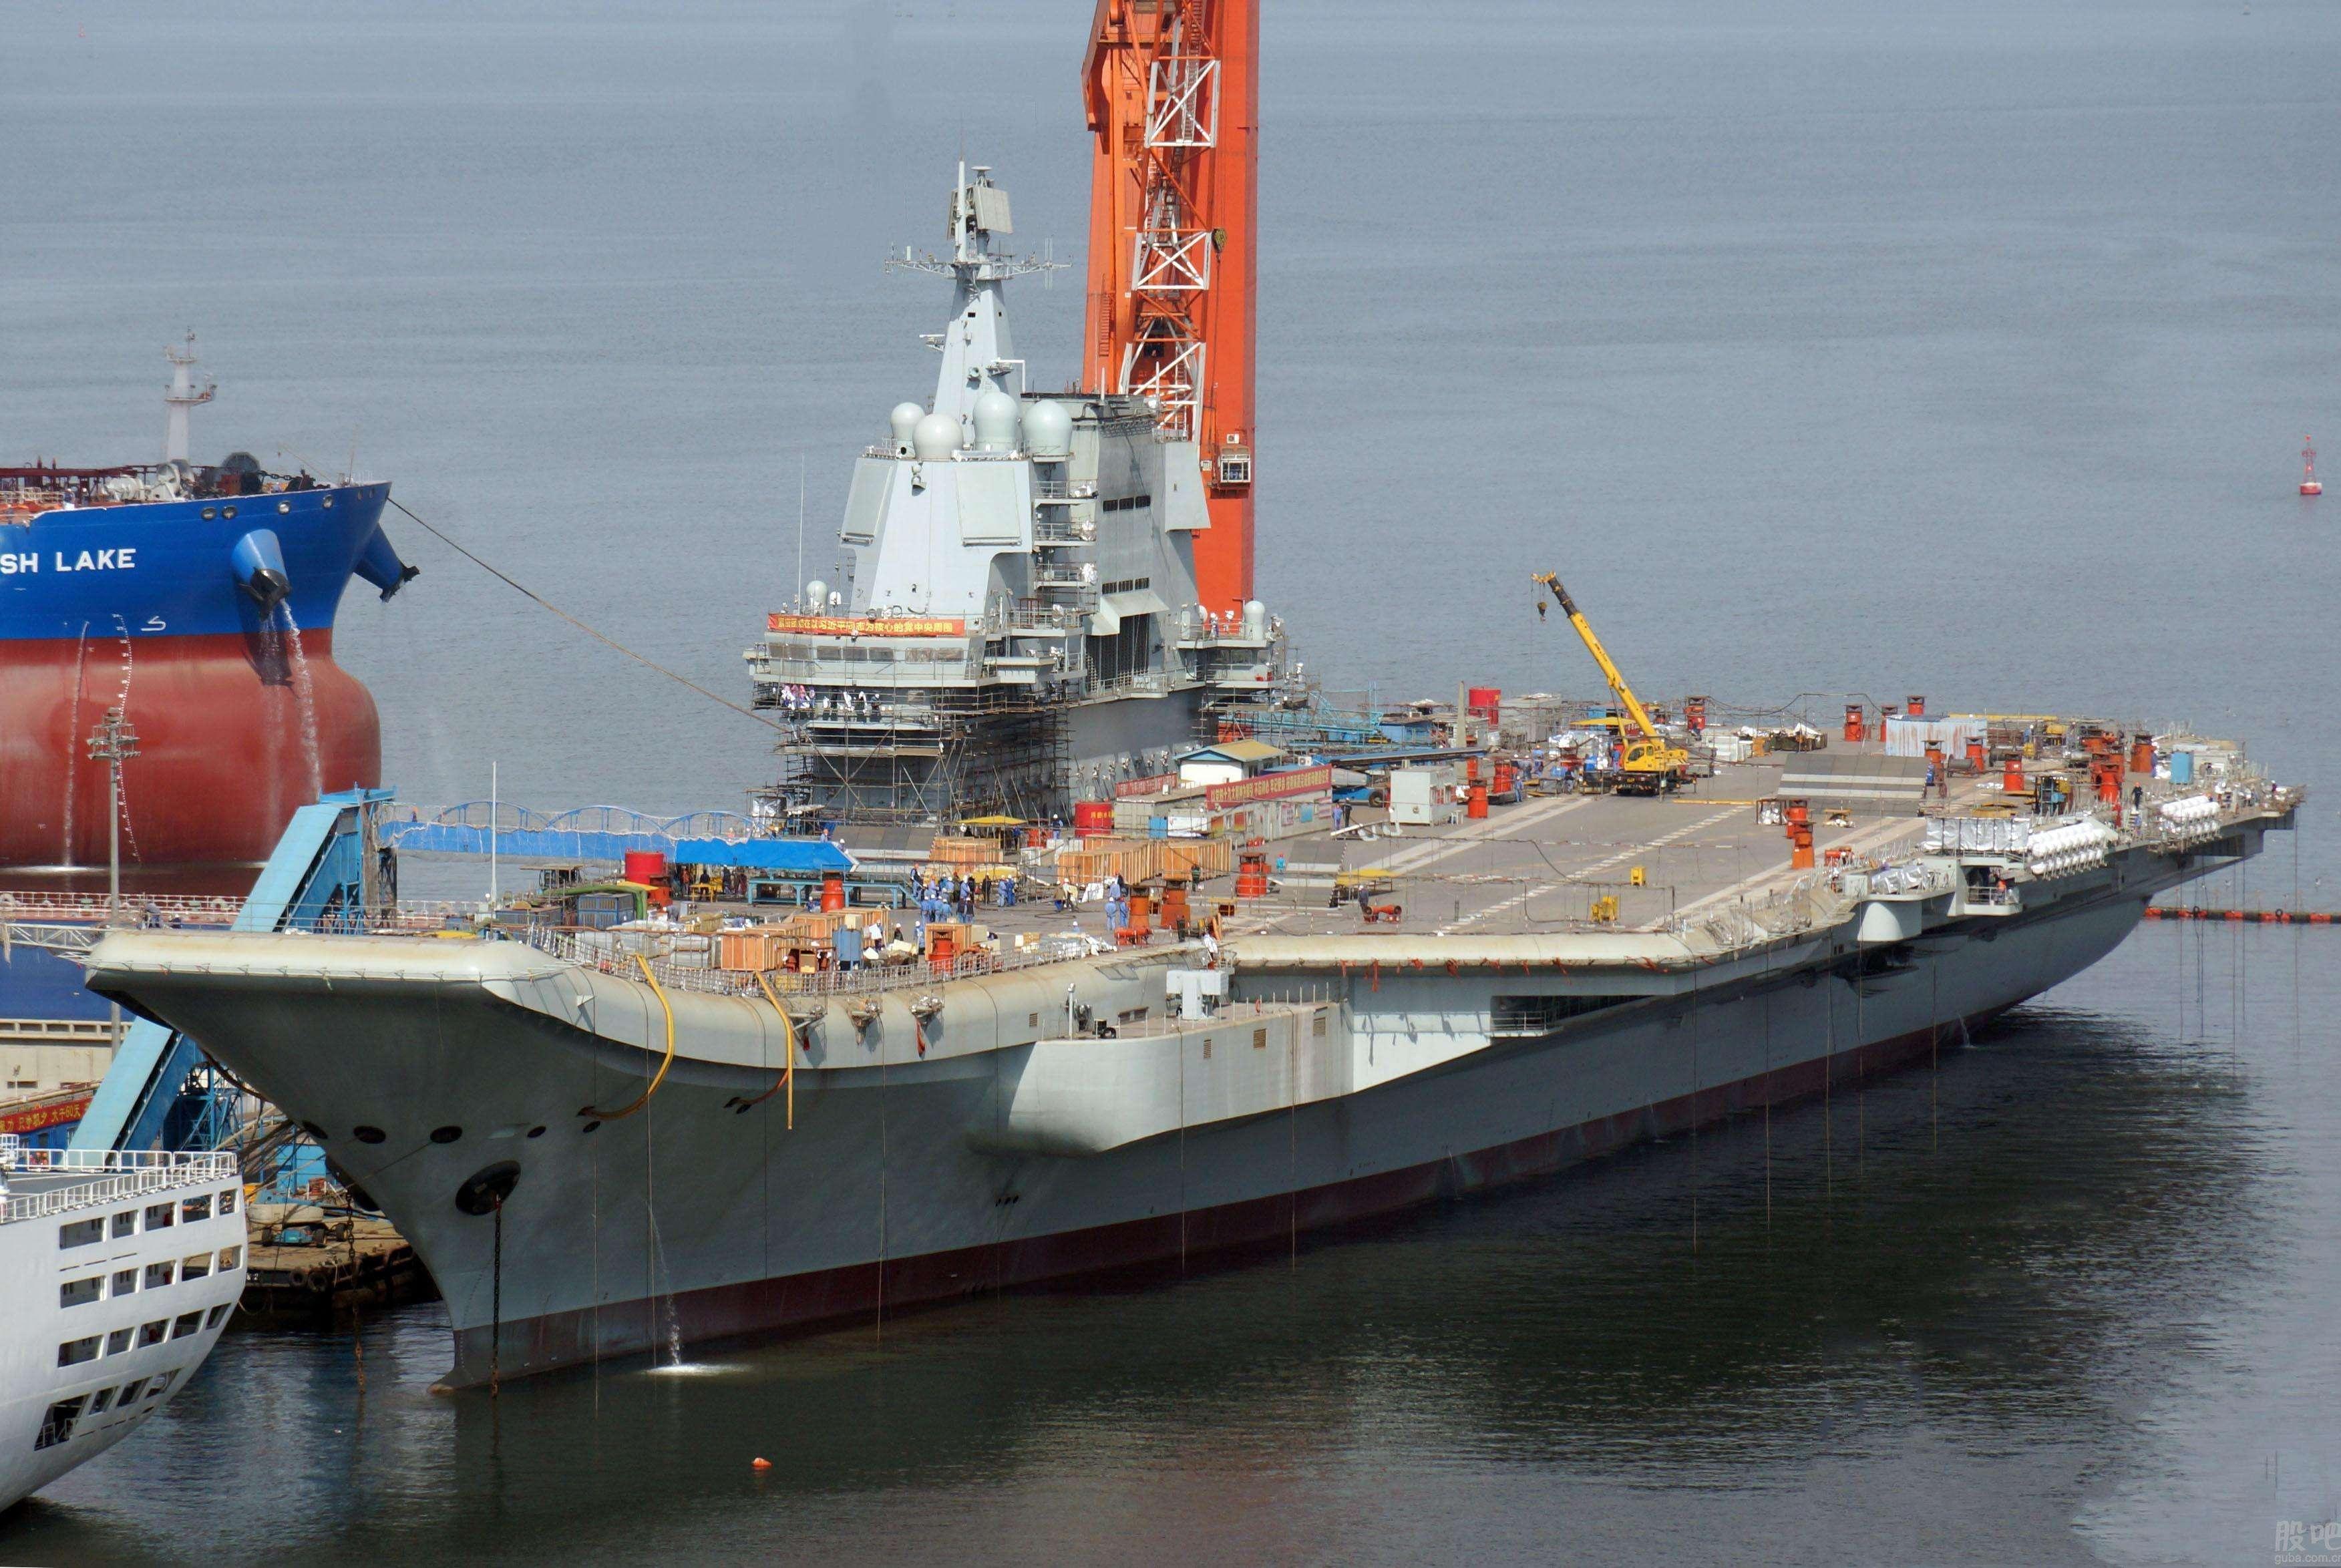 中国再次打破垄断,又一领域跻身世界前列,将成就中国造船大业